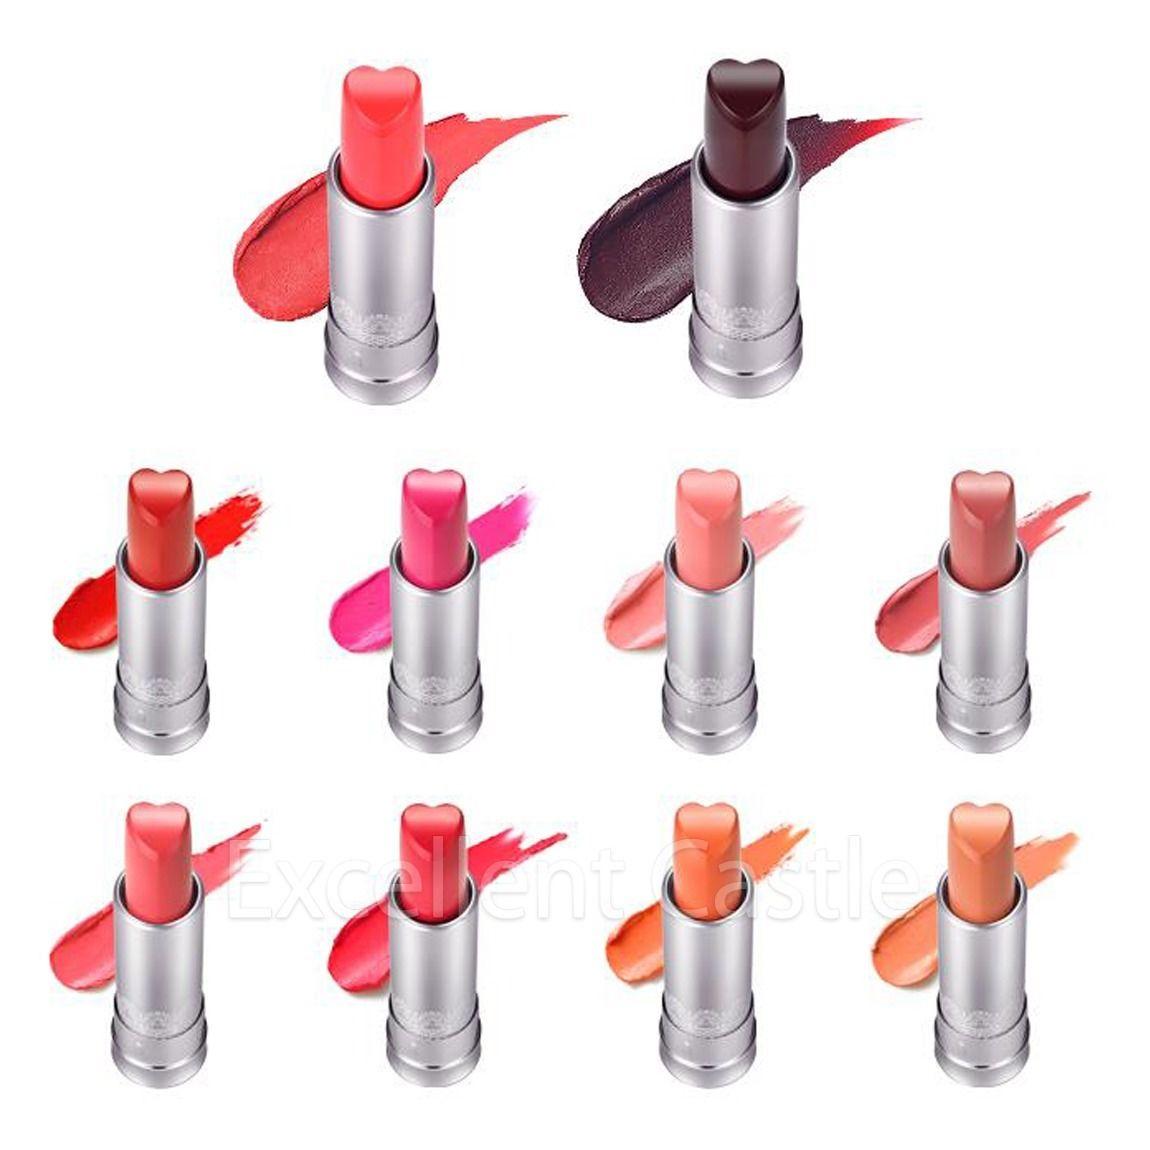 Holika Holika Heartfull Silky Lipstick